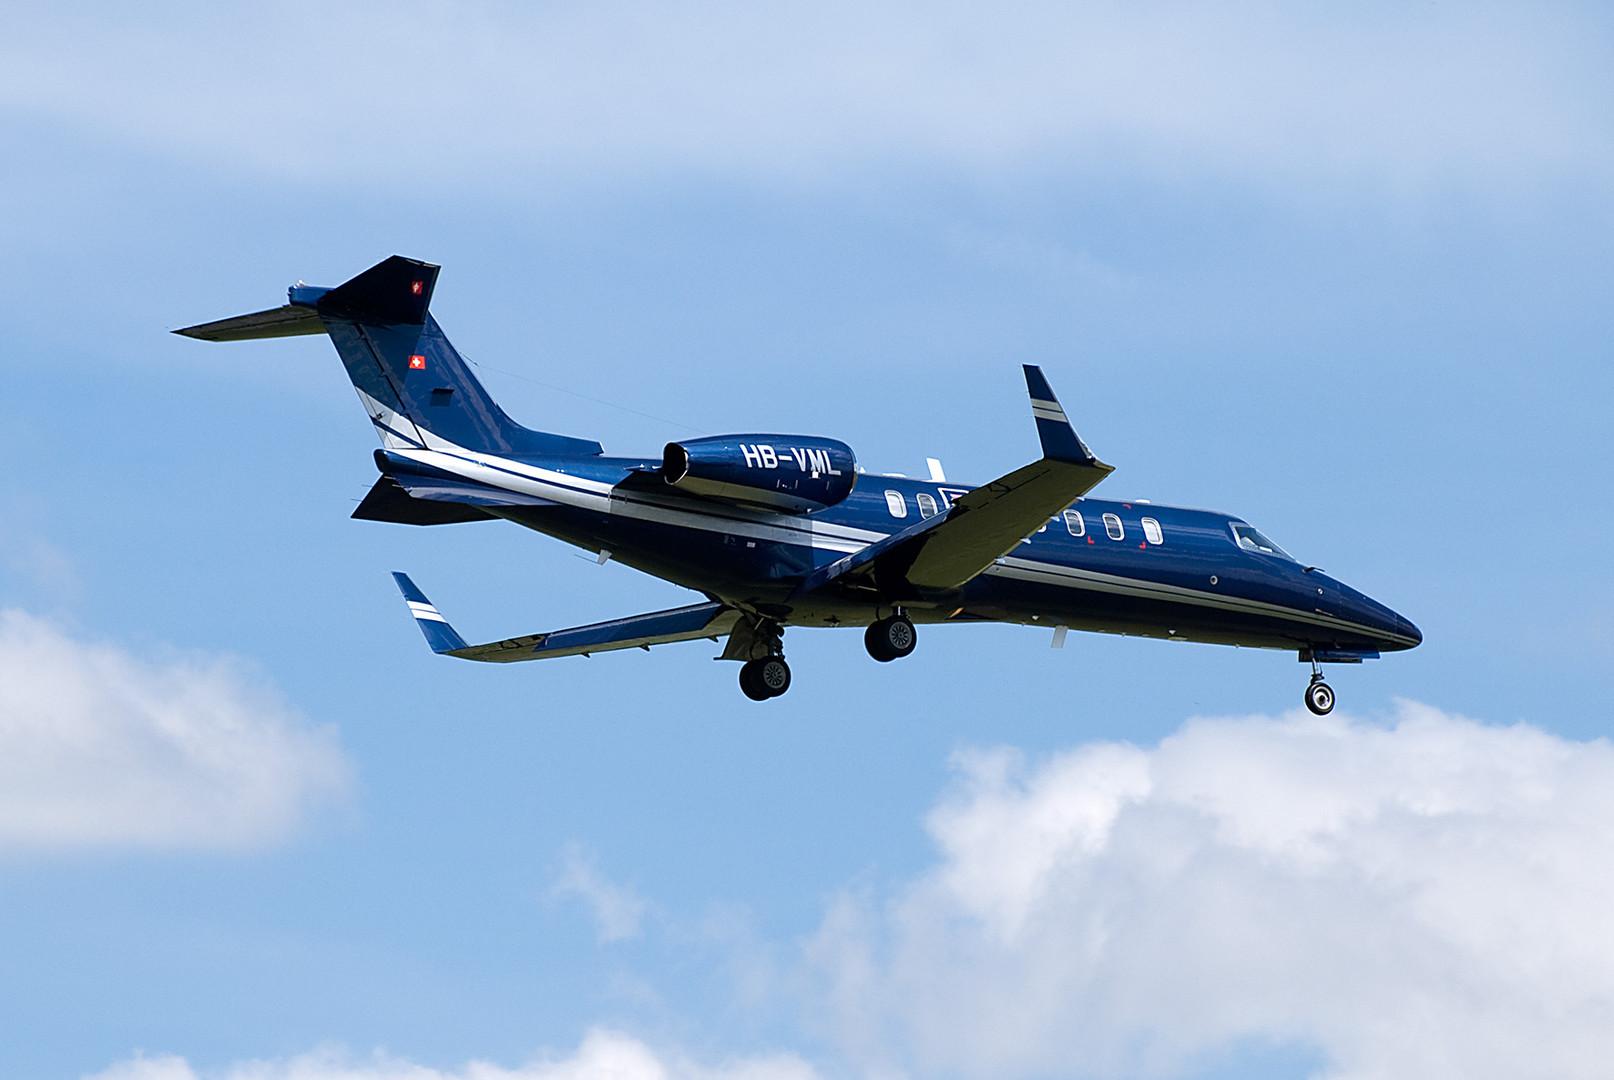 HB-VML im Landeanflug